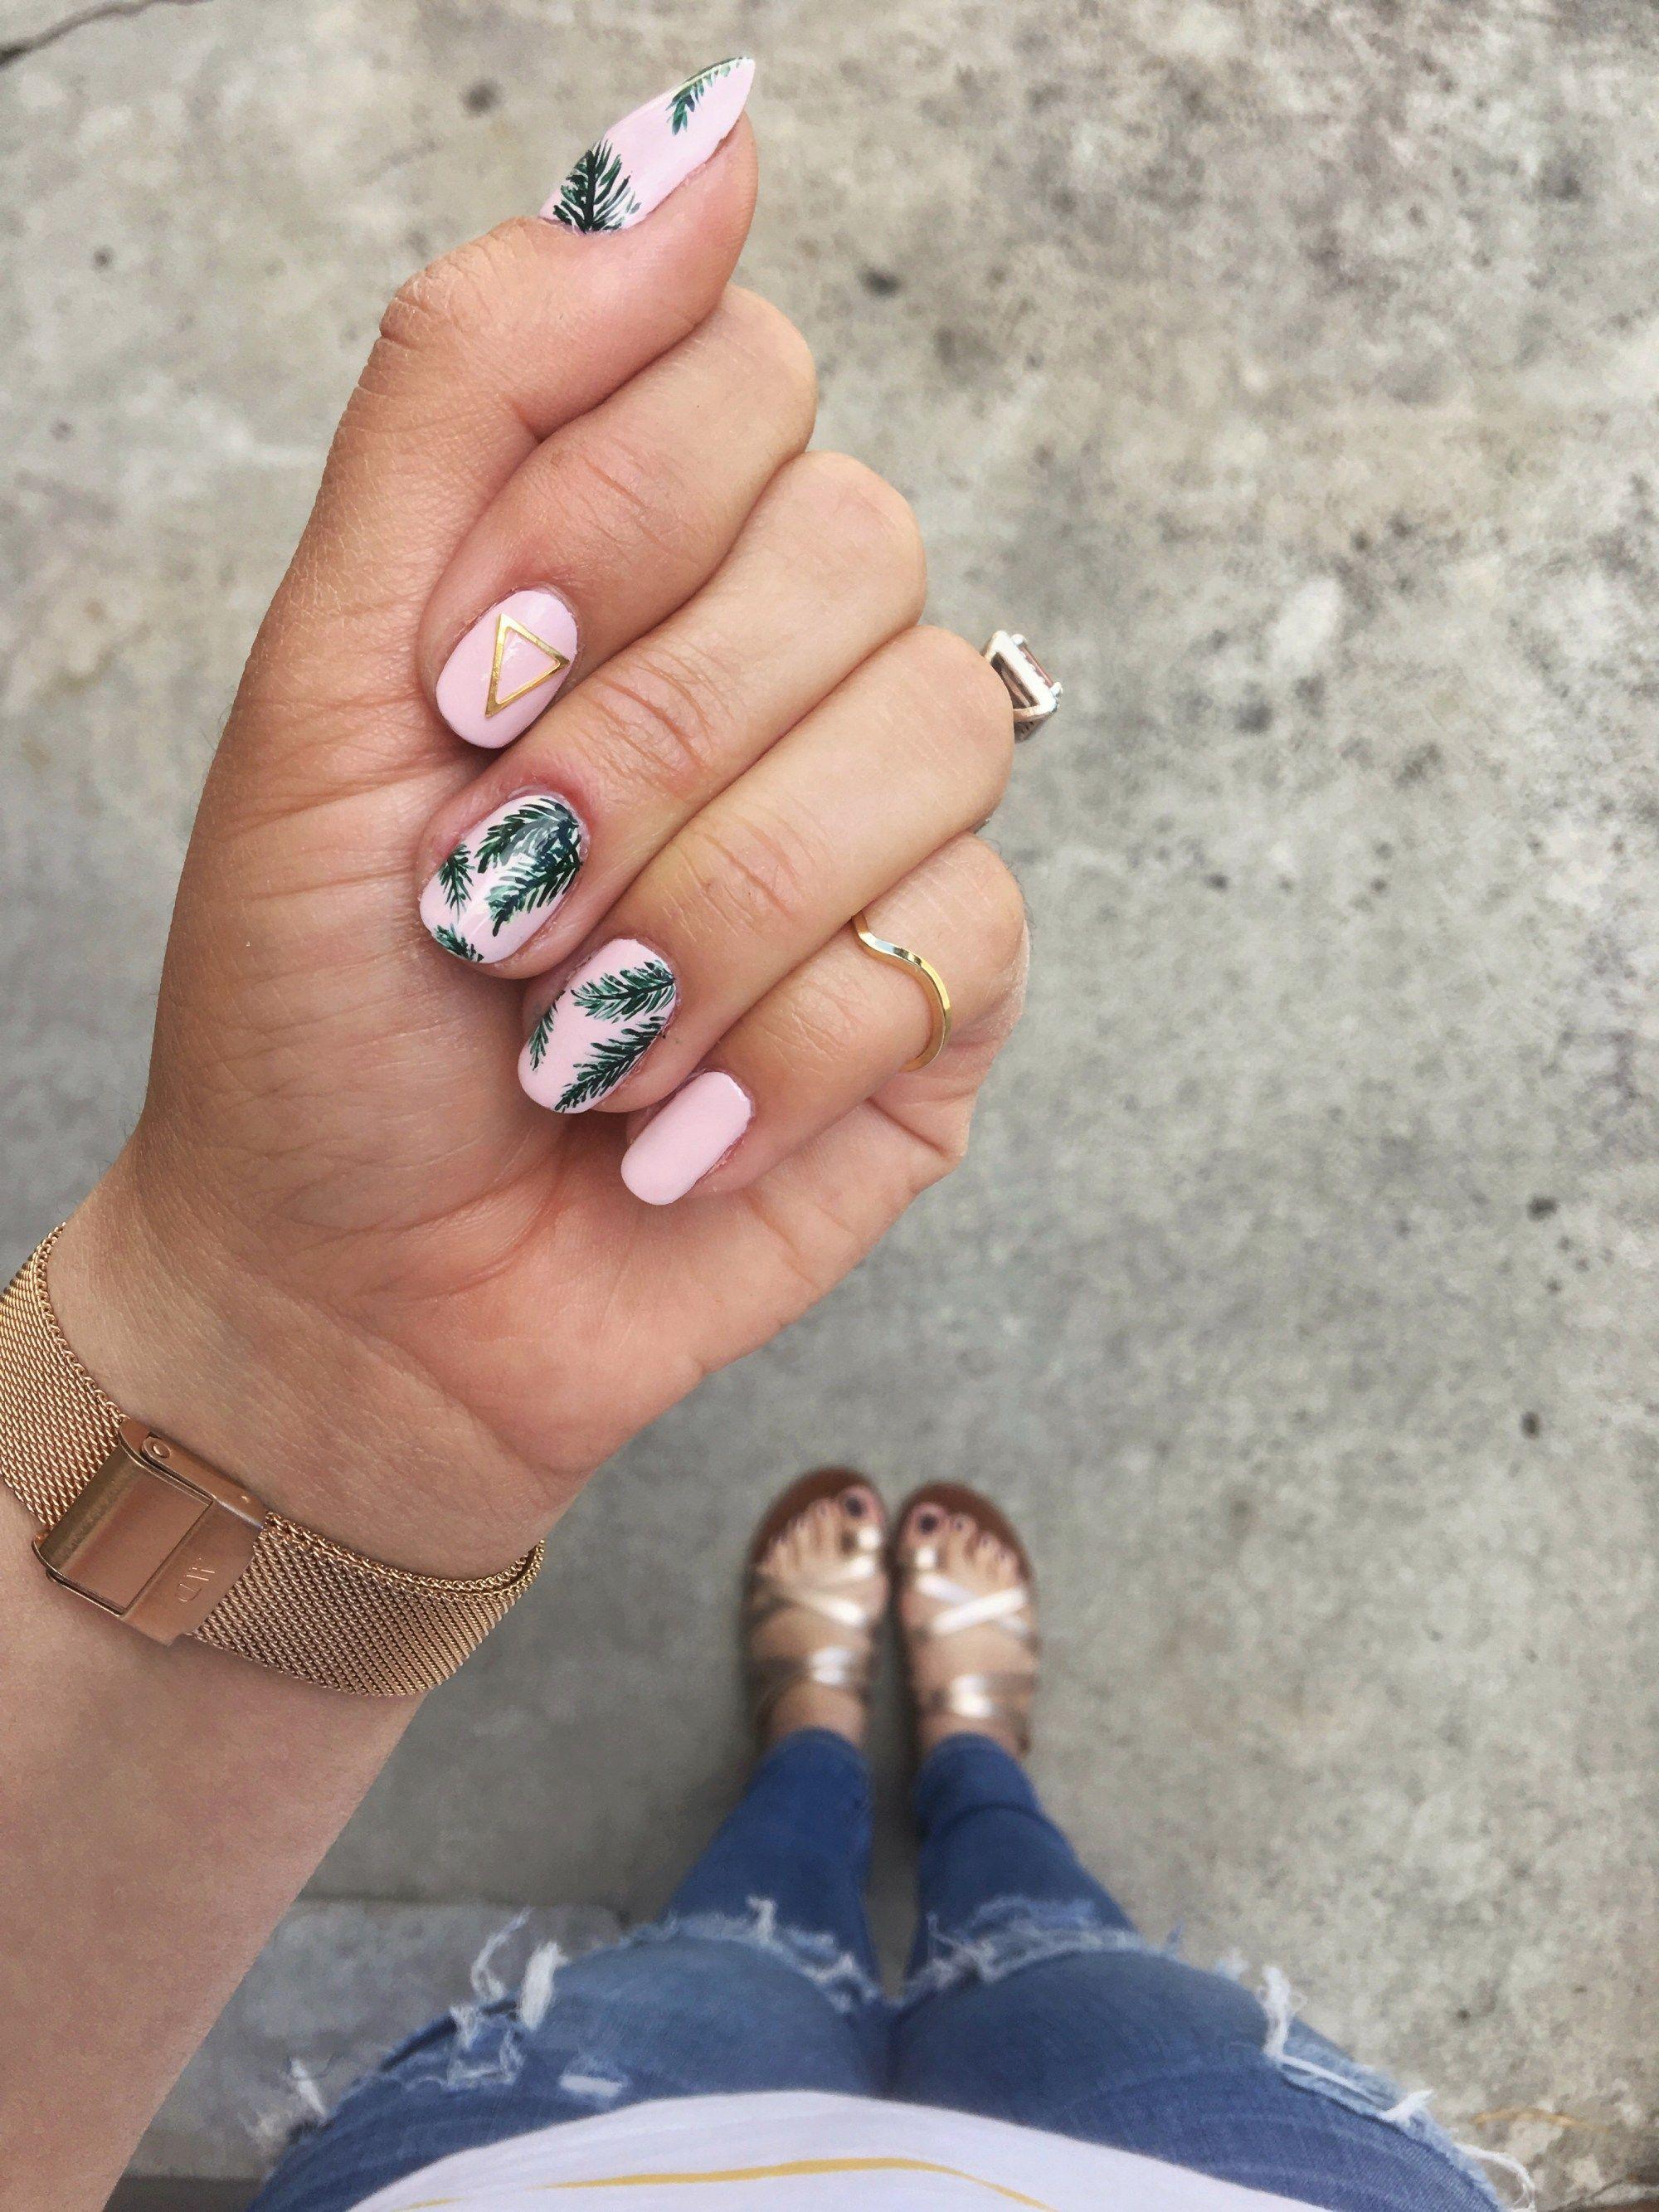 Tropical palm print nail art nails pinterest palm print palm